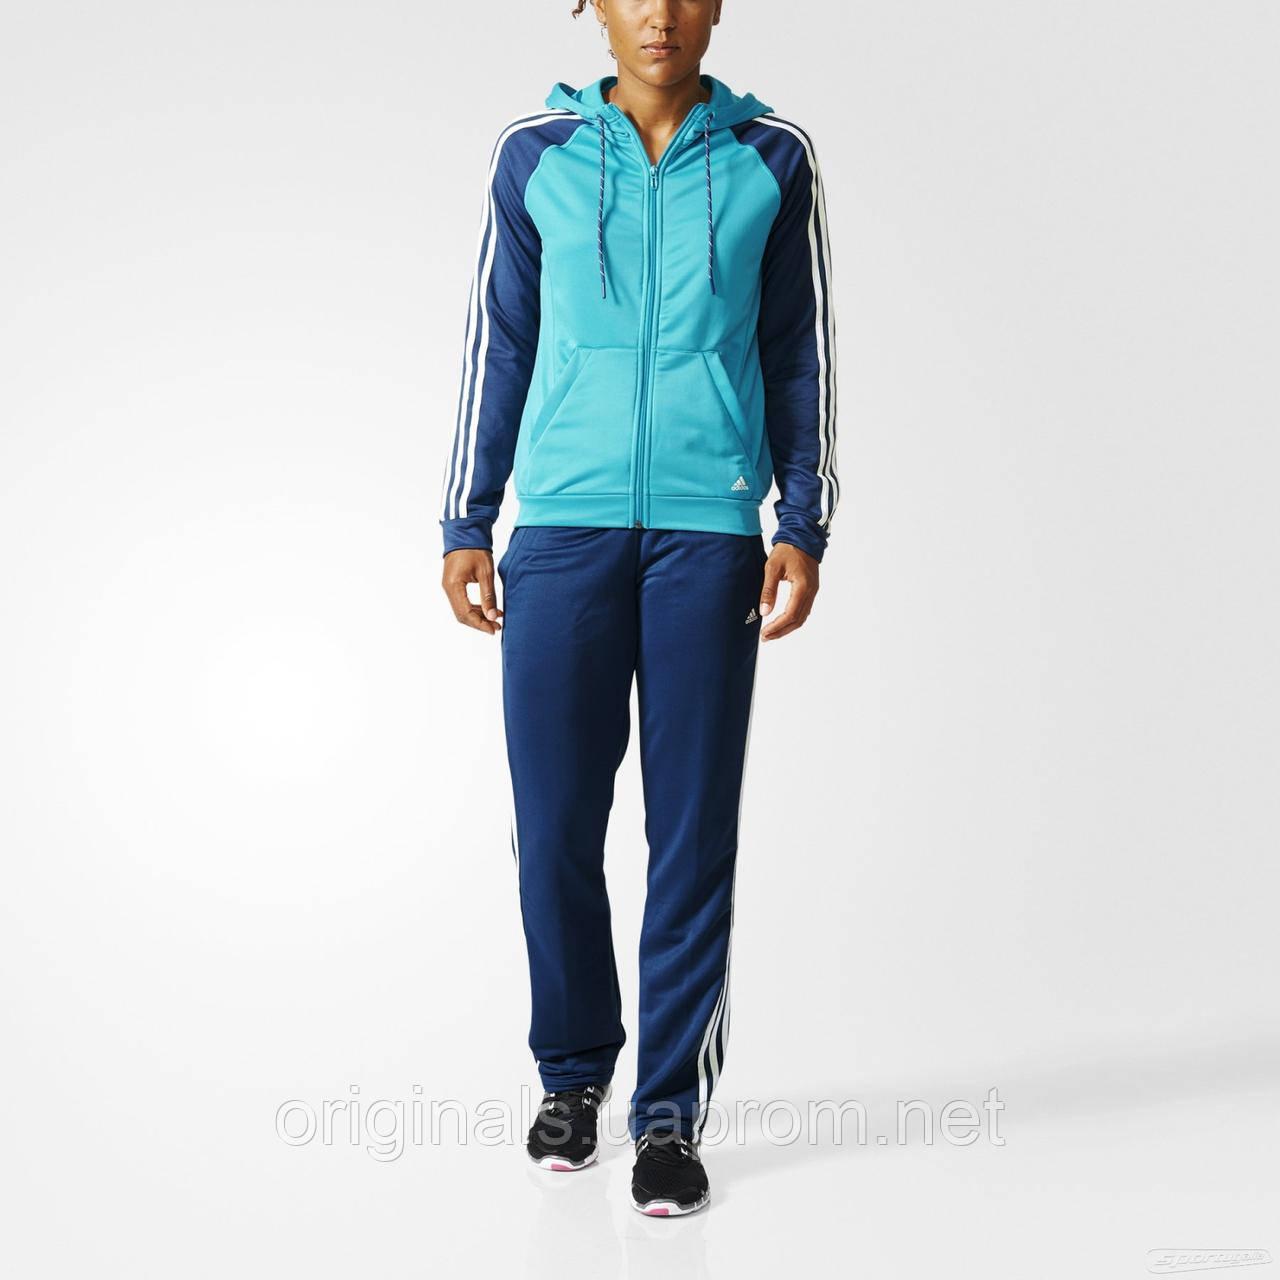 Спортивный костюм Adidas женский Young AJ5969